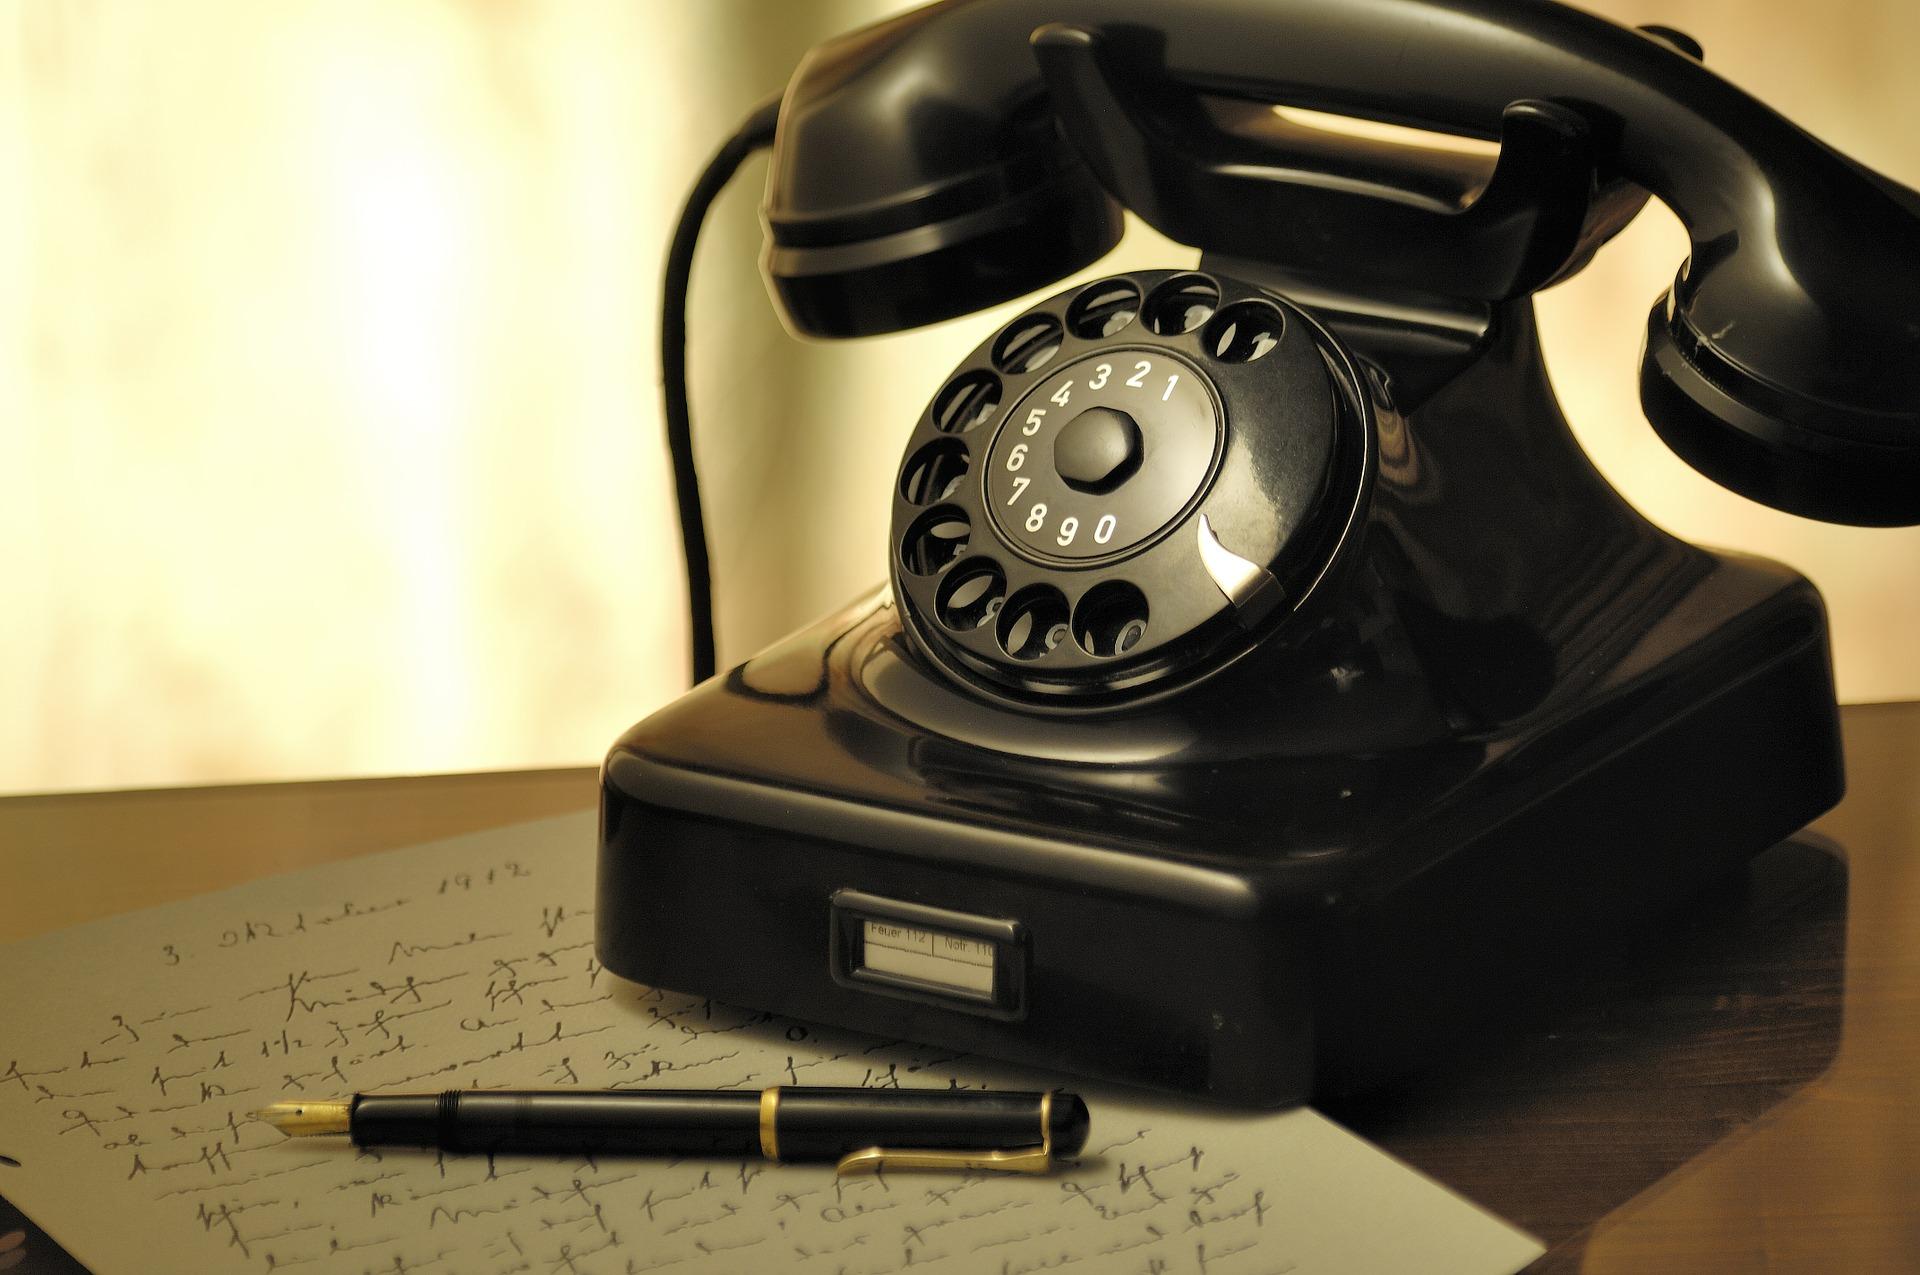 Telefon | pixabay.com CC0